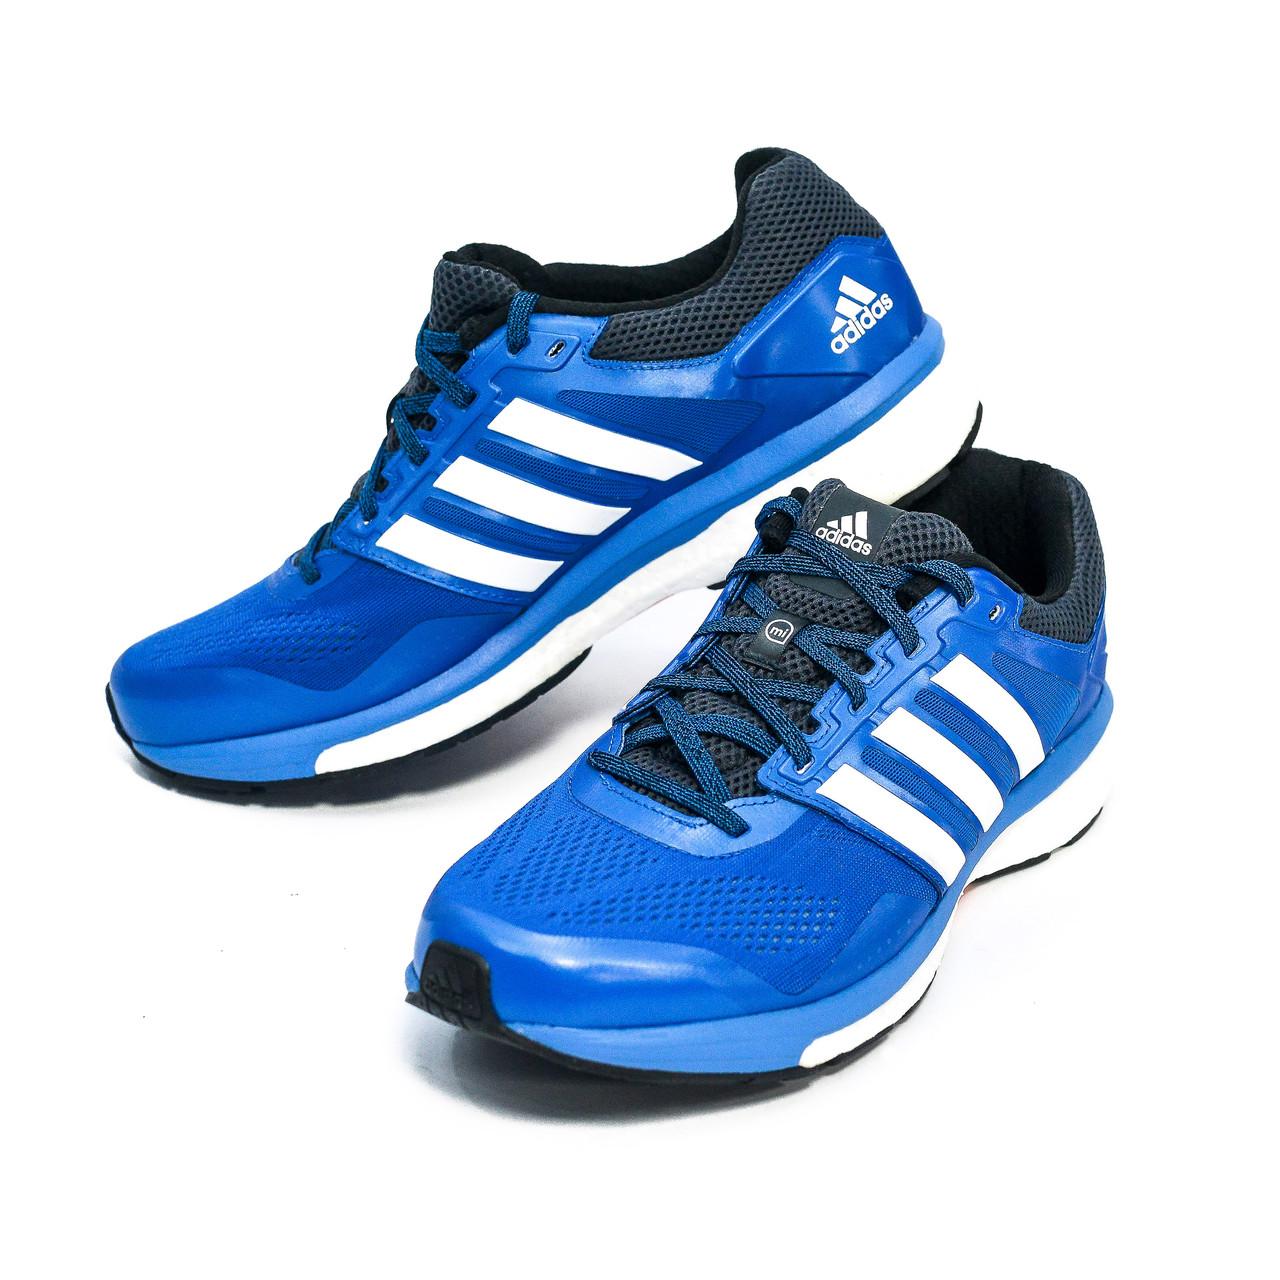 Оригинальные мужские кроссовки для бега Adidas Supernova Glide 7